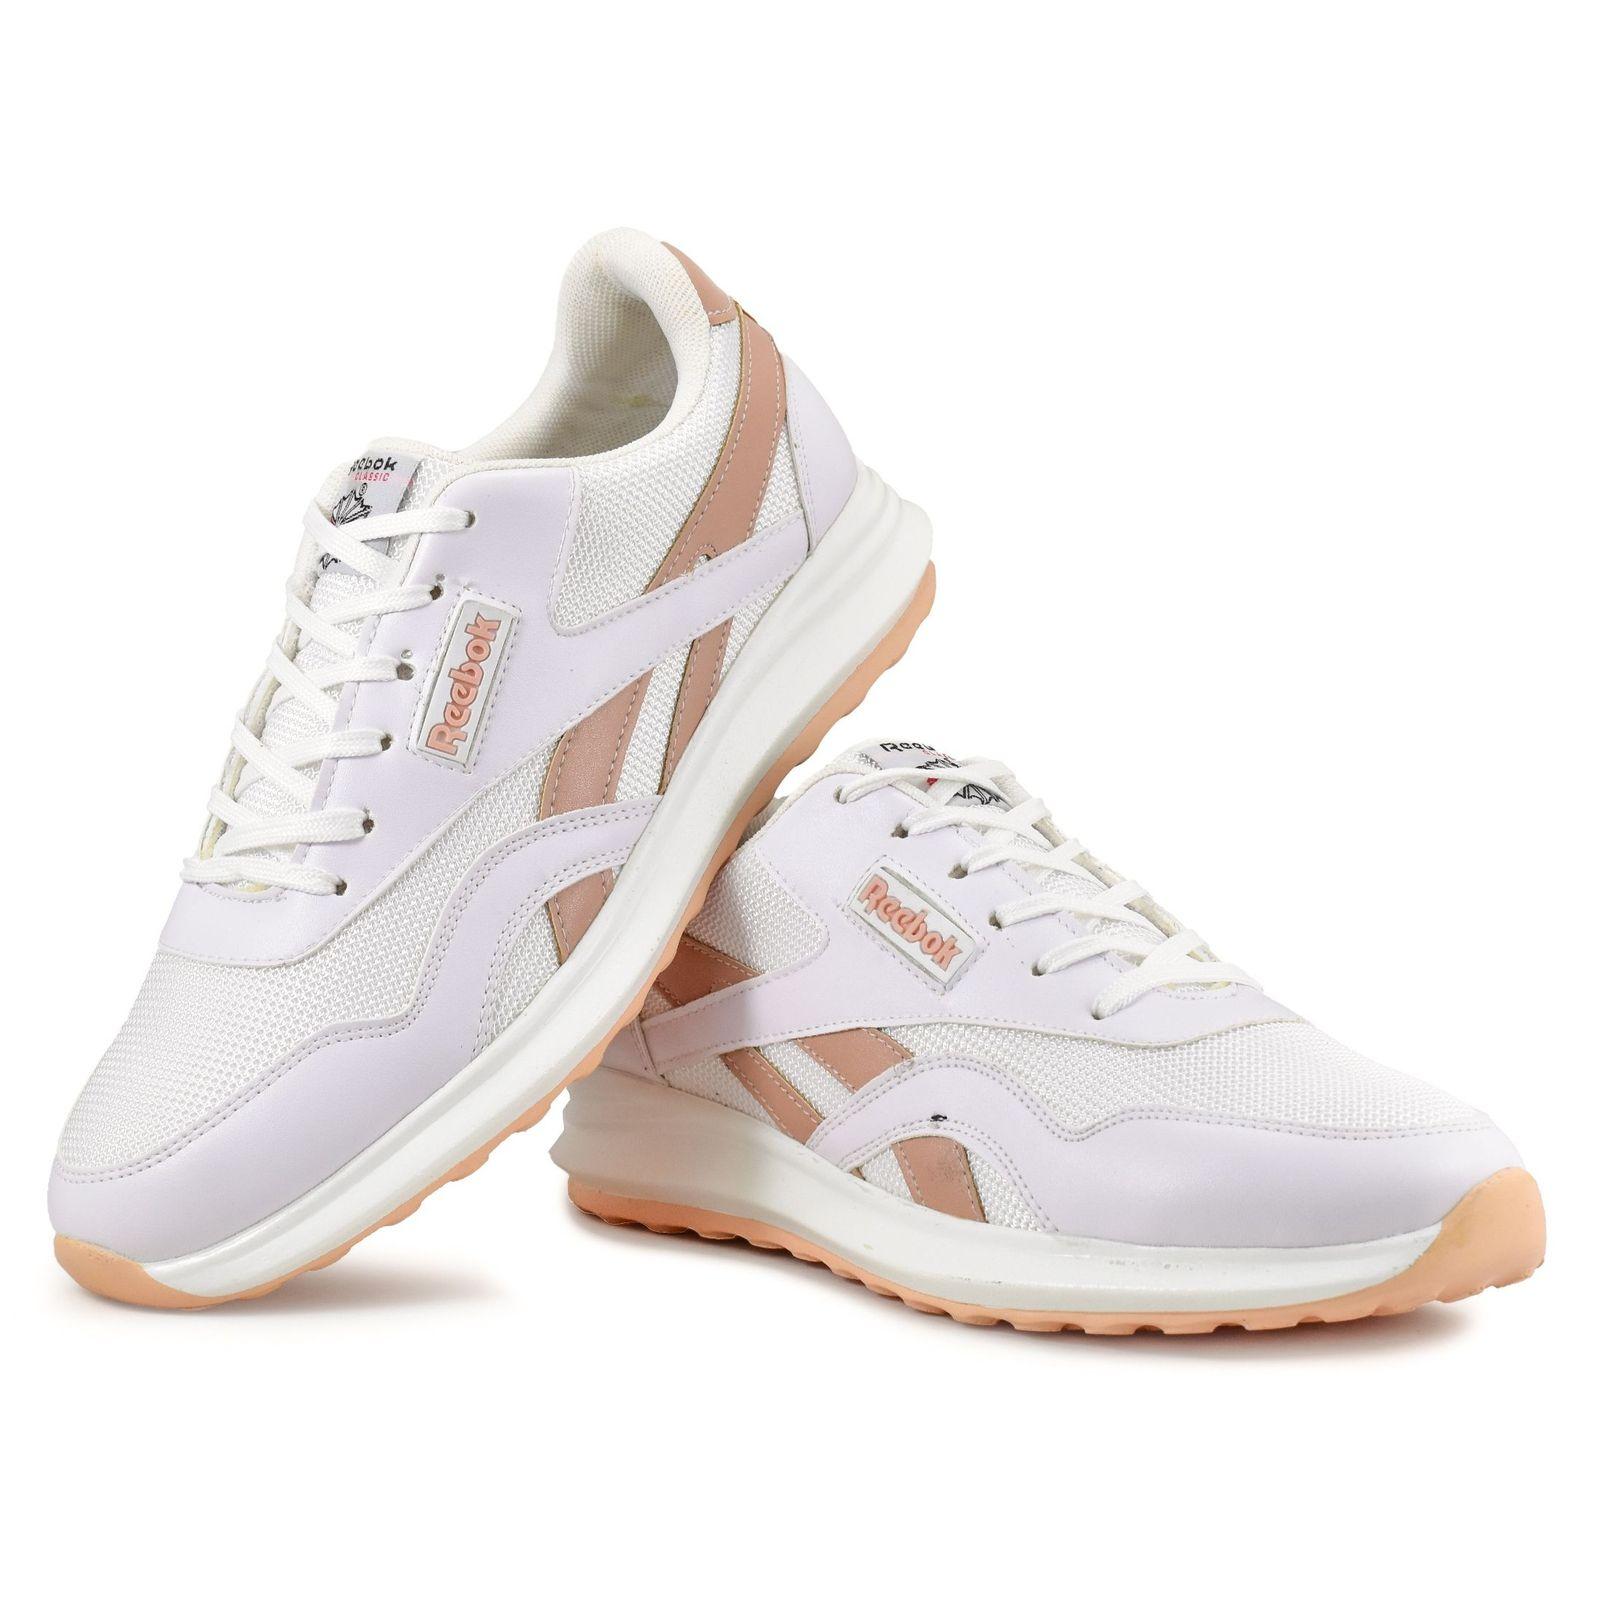 کفش پیاده روی زنانه مدل هامون کد 4692 main 1 7